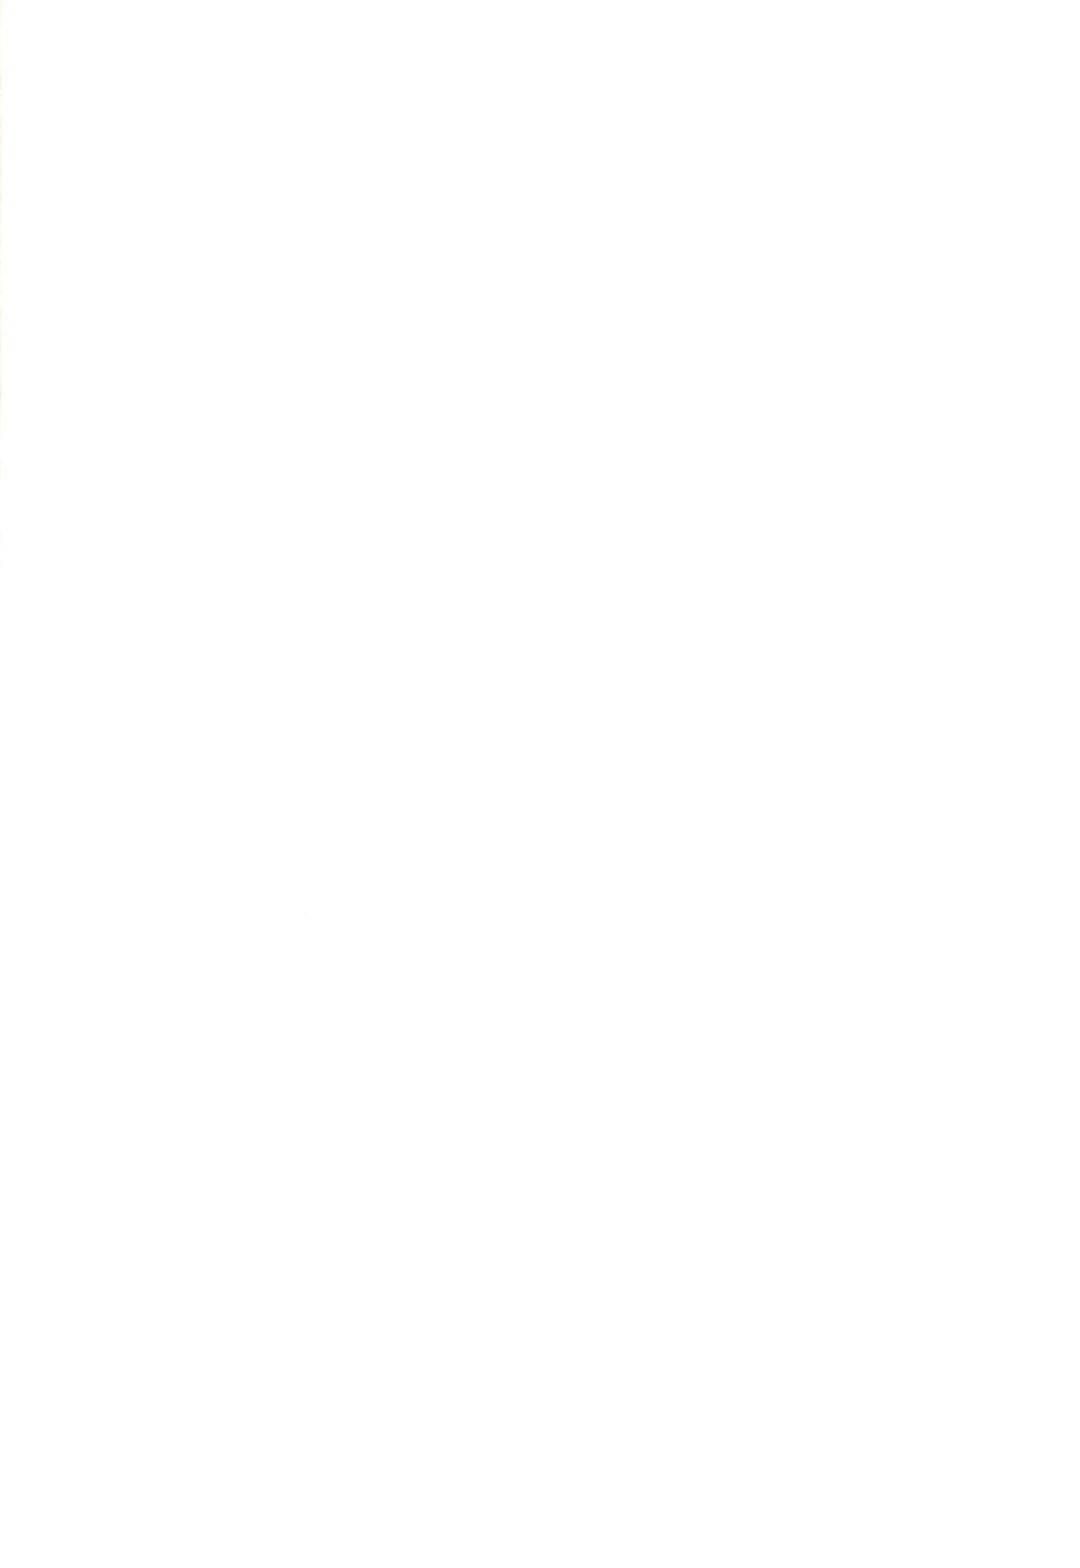 【エロ同人誌】恋人になった少女との初夜に苦い思い出になった女…今日こそうまくいきたいと思いながら優しくキスして、お互いの性感帯を探すいちゃレズプレイ【秋片:テトテ、メトメ。】